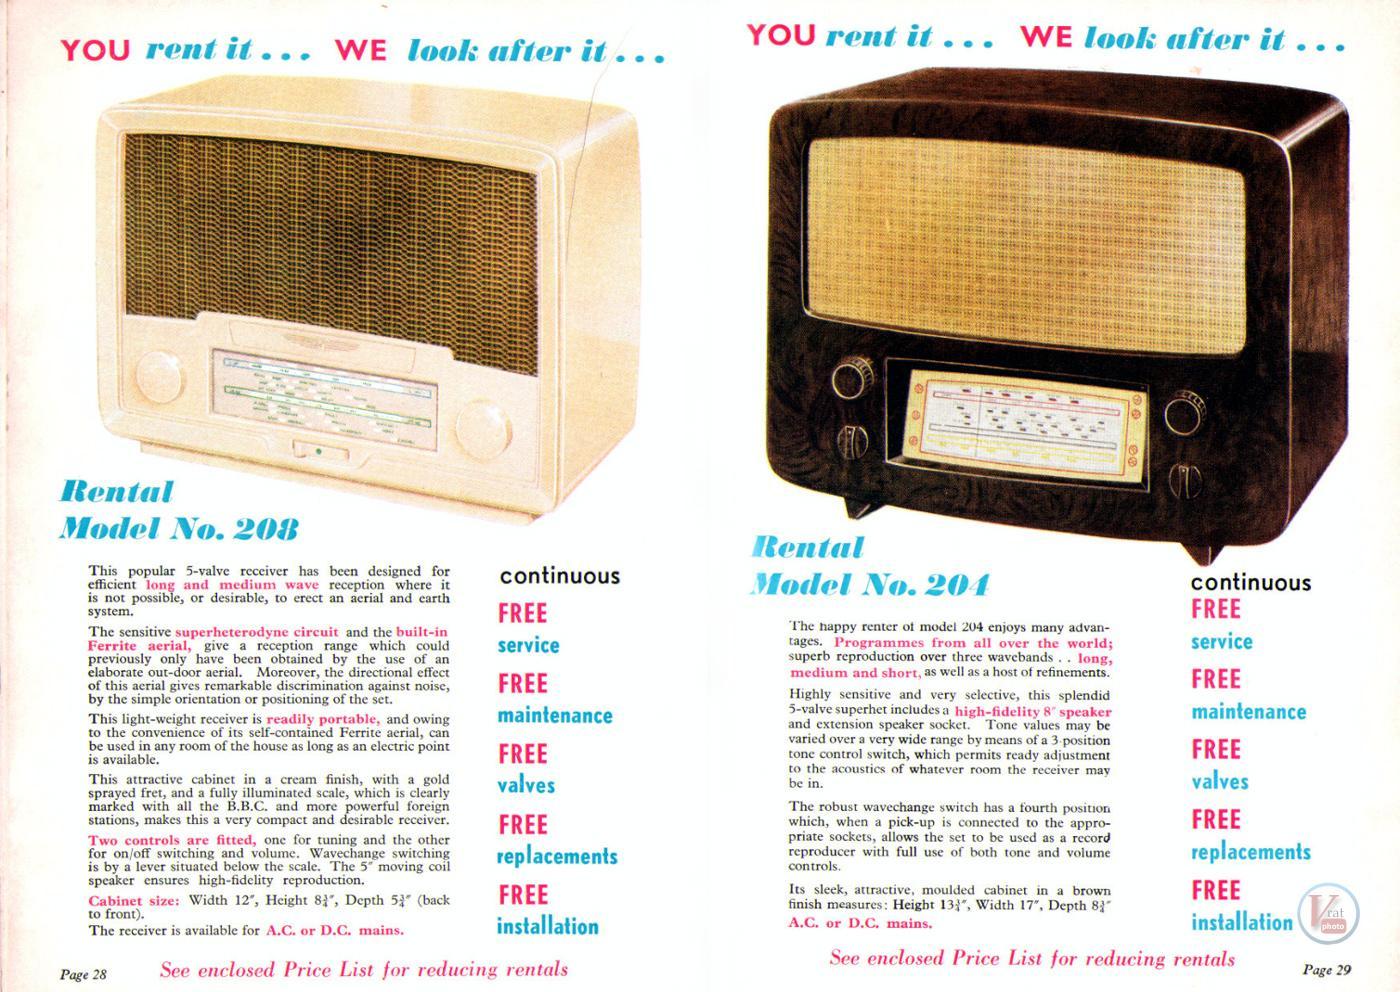 1957 Radio Rentals Catalogue 89